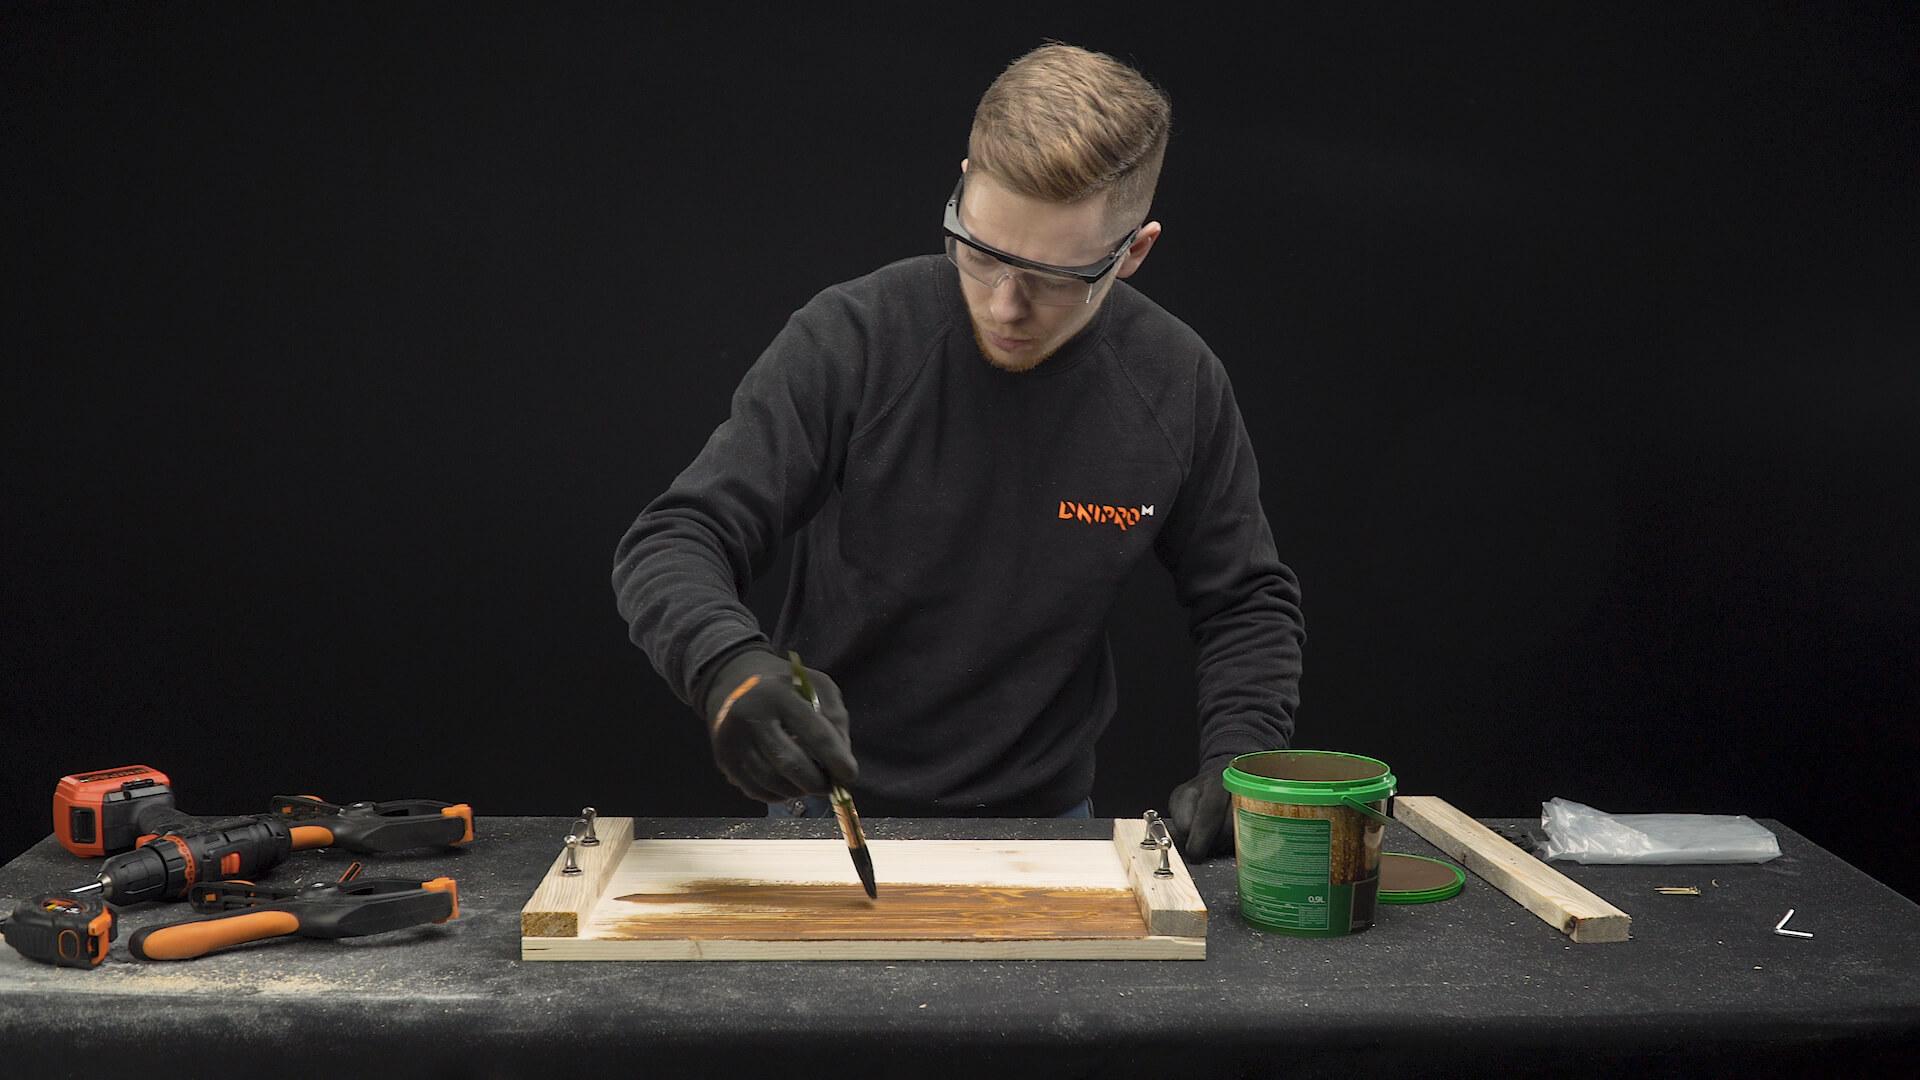 Фото-инструкция по изготовлению подноса своими руками - Шаг 10